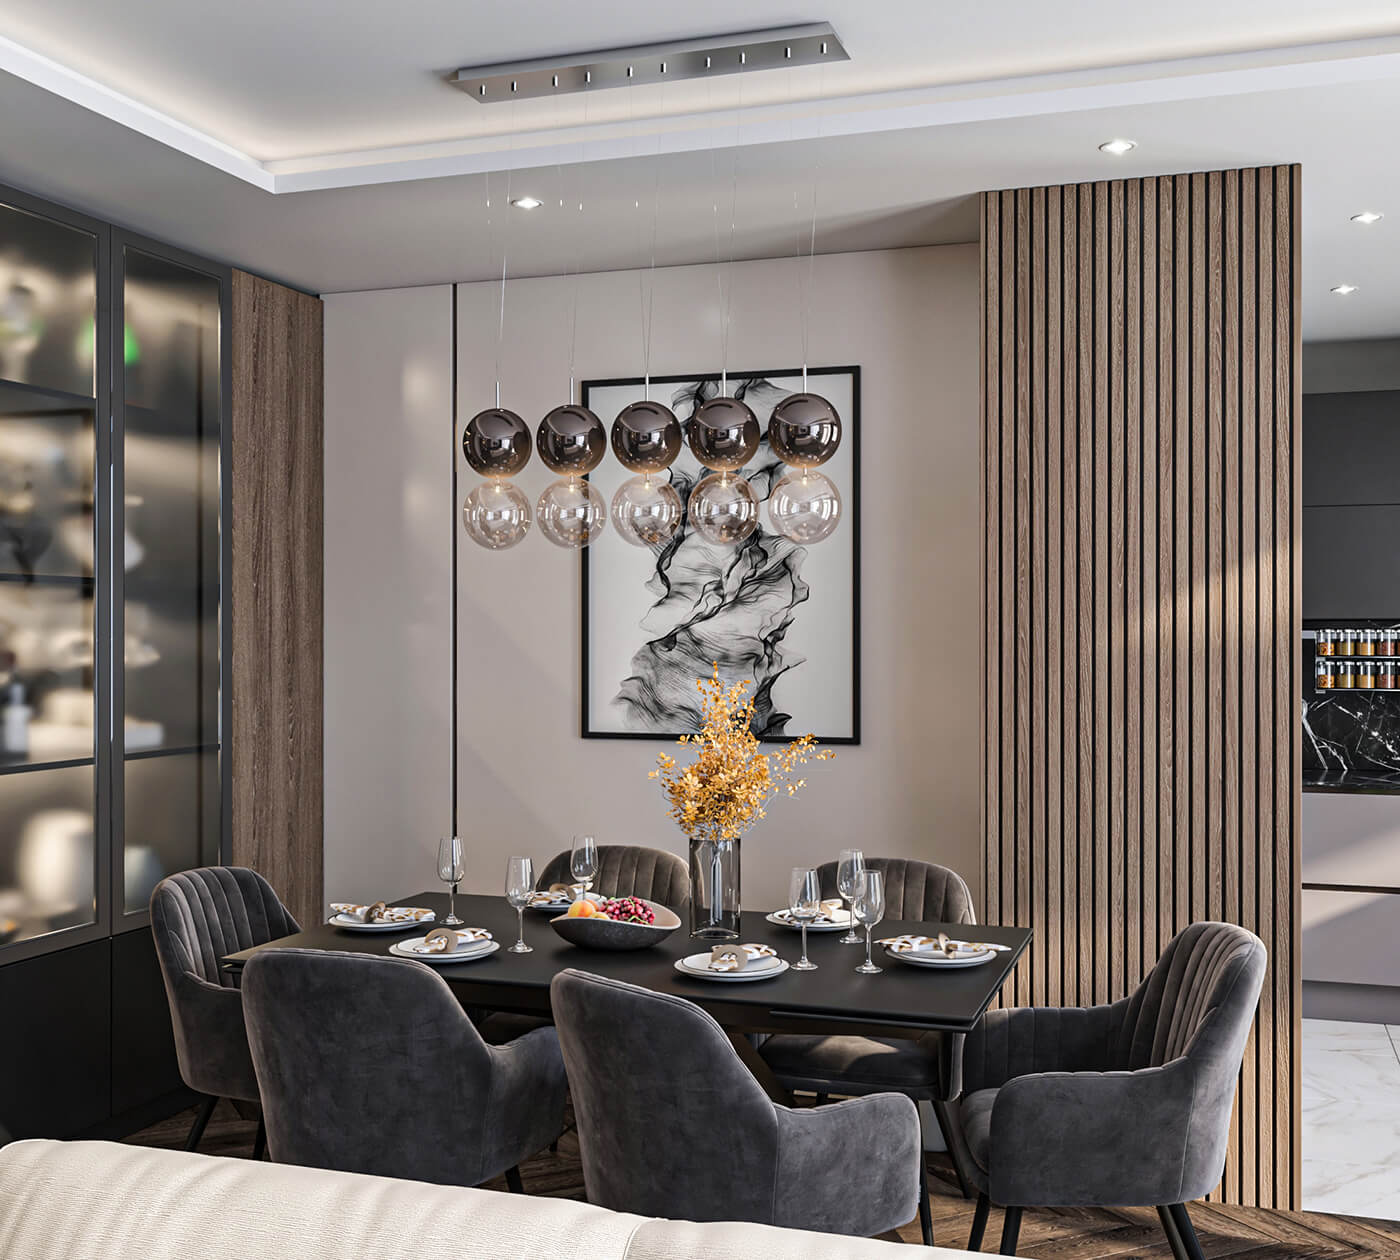 interioren-dizain-proekt-na-vsekidnevna-marquise